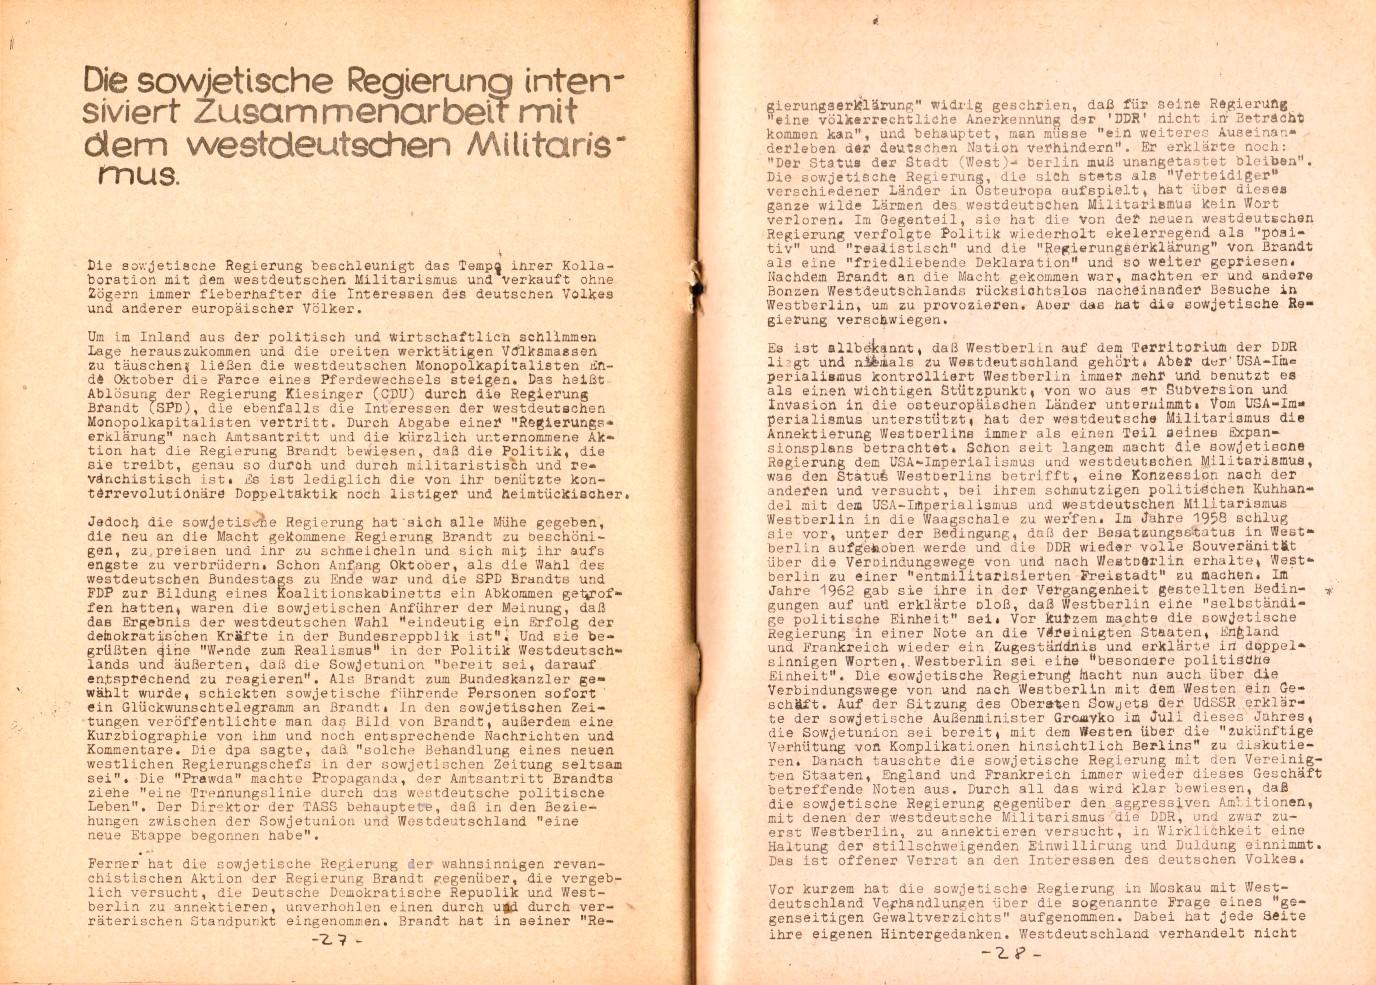 KPDML_1970_Der_sowjetisch_westdeutsche_Vertrag_17